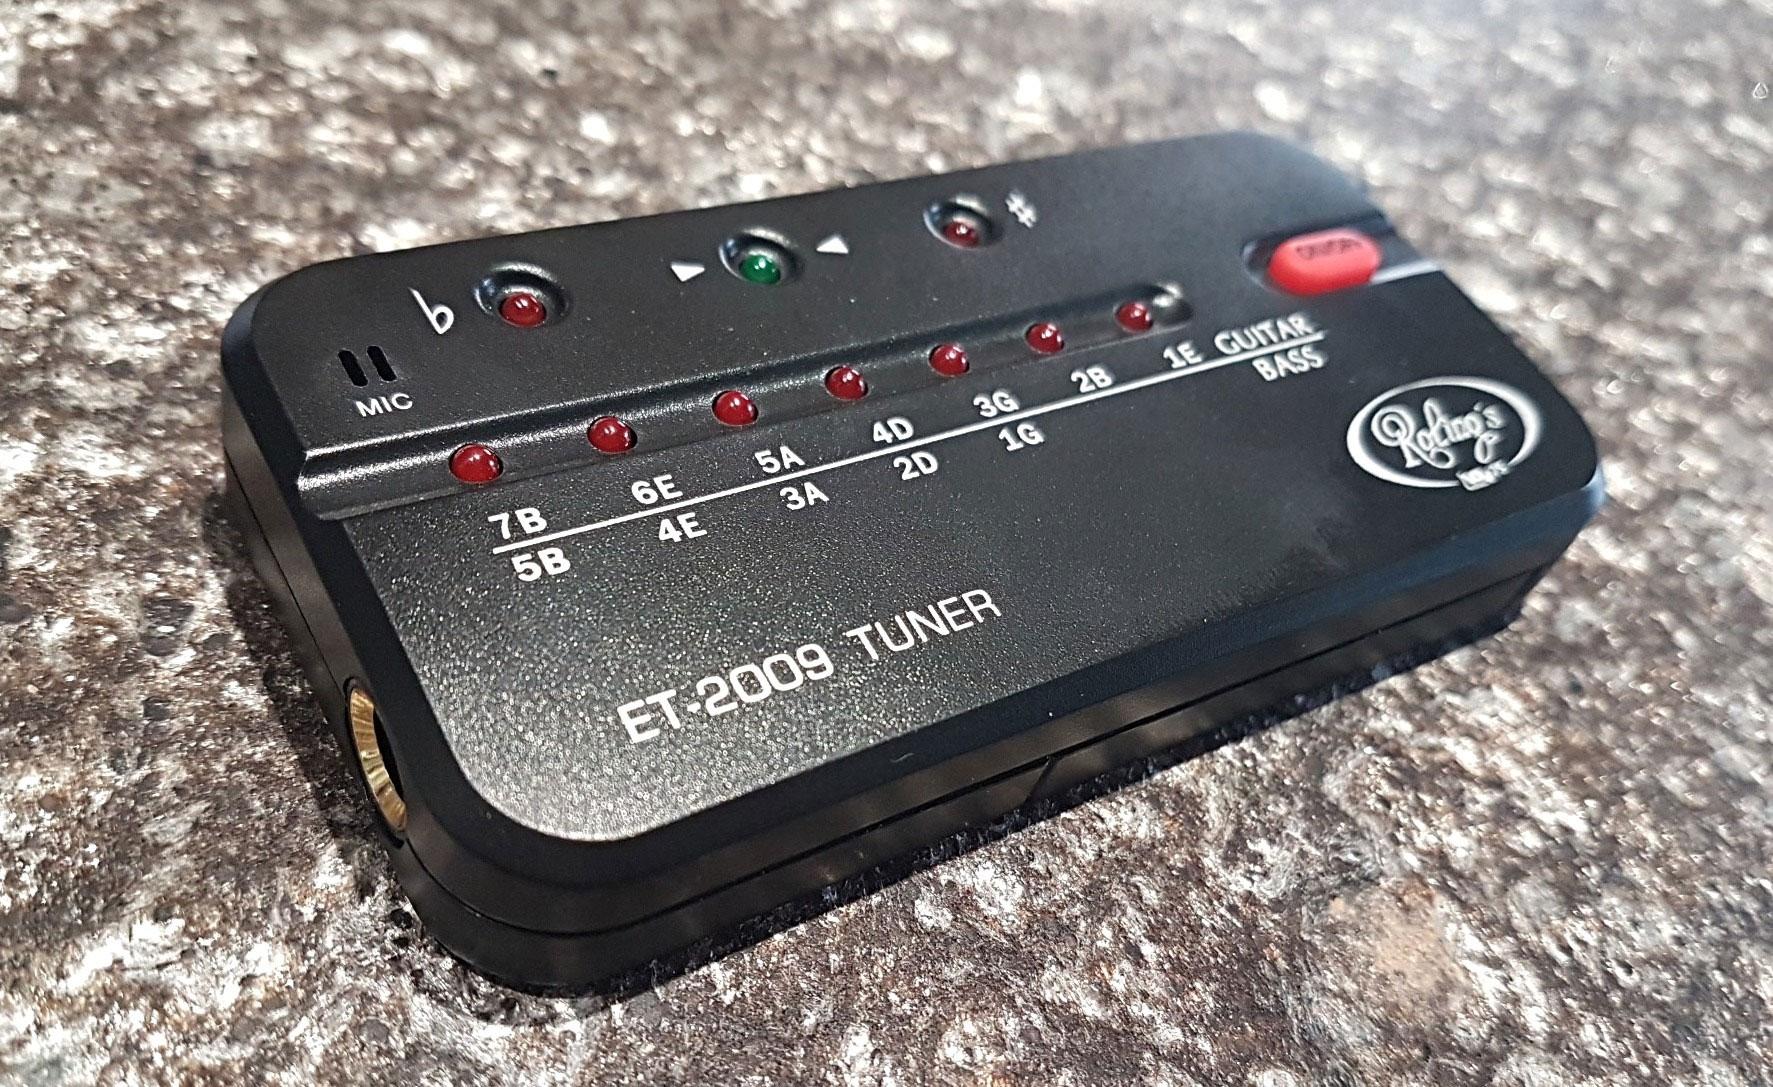 Un accordatore per chitarra che può essere utilizzato dai non vedenti. Lo abbiamo provato e funziona perfettamente